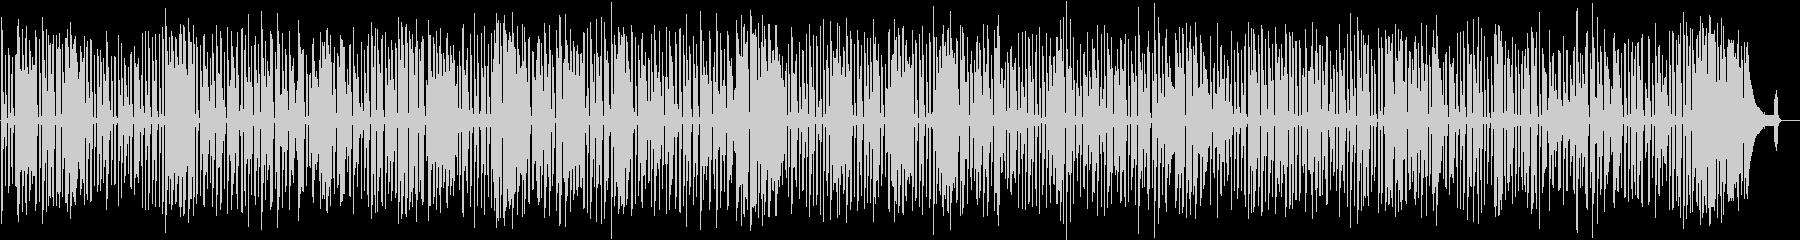 軽快で明るい映像に合うソロジャズピアノの未再生の波形